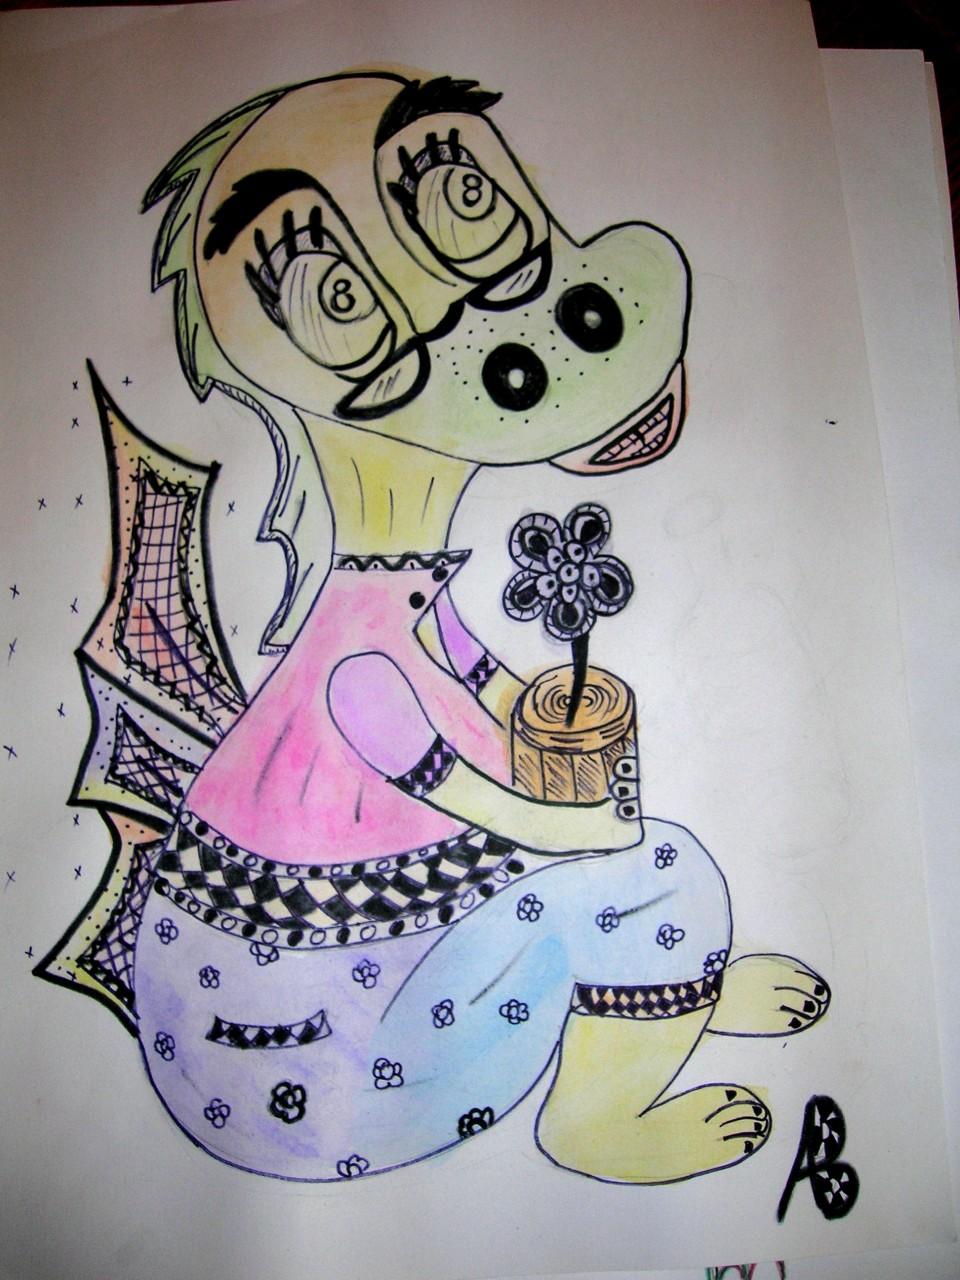 Конкурс. Дракон с очками. Автор Алфёрова Валя, 13 лет